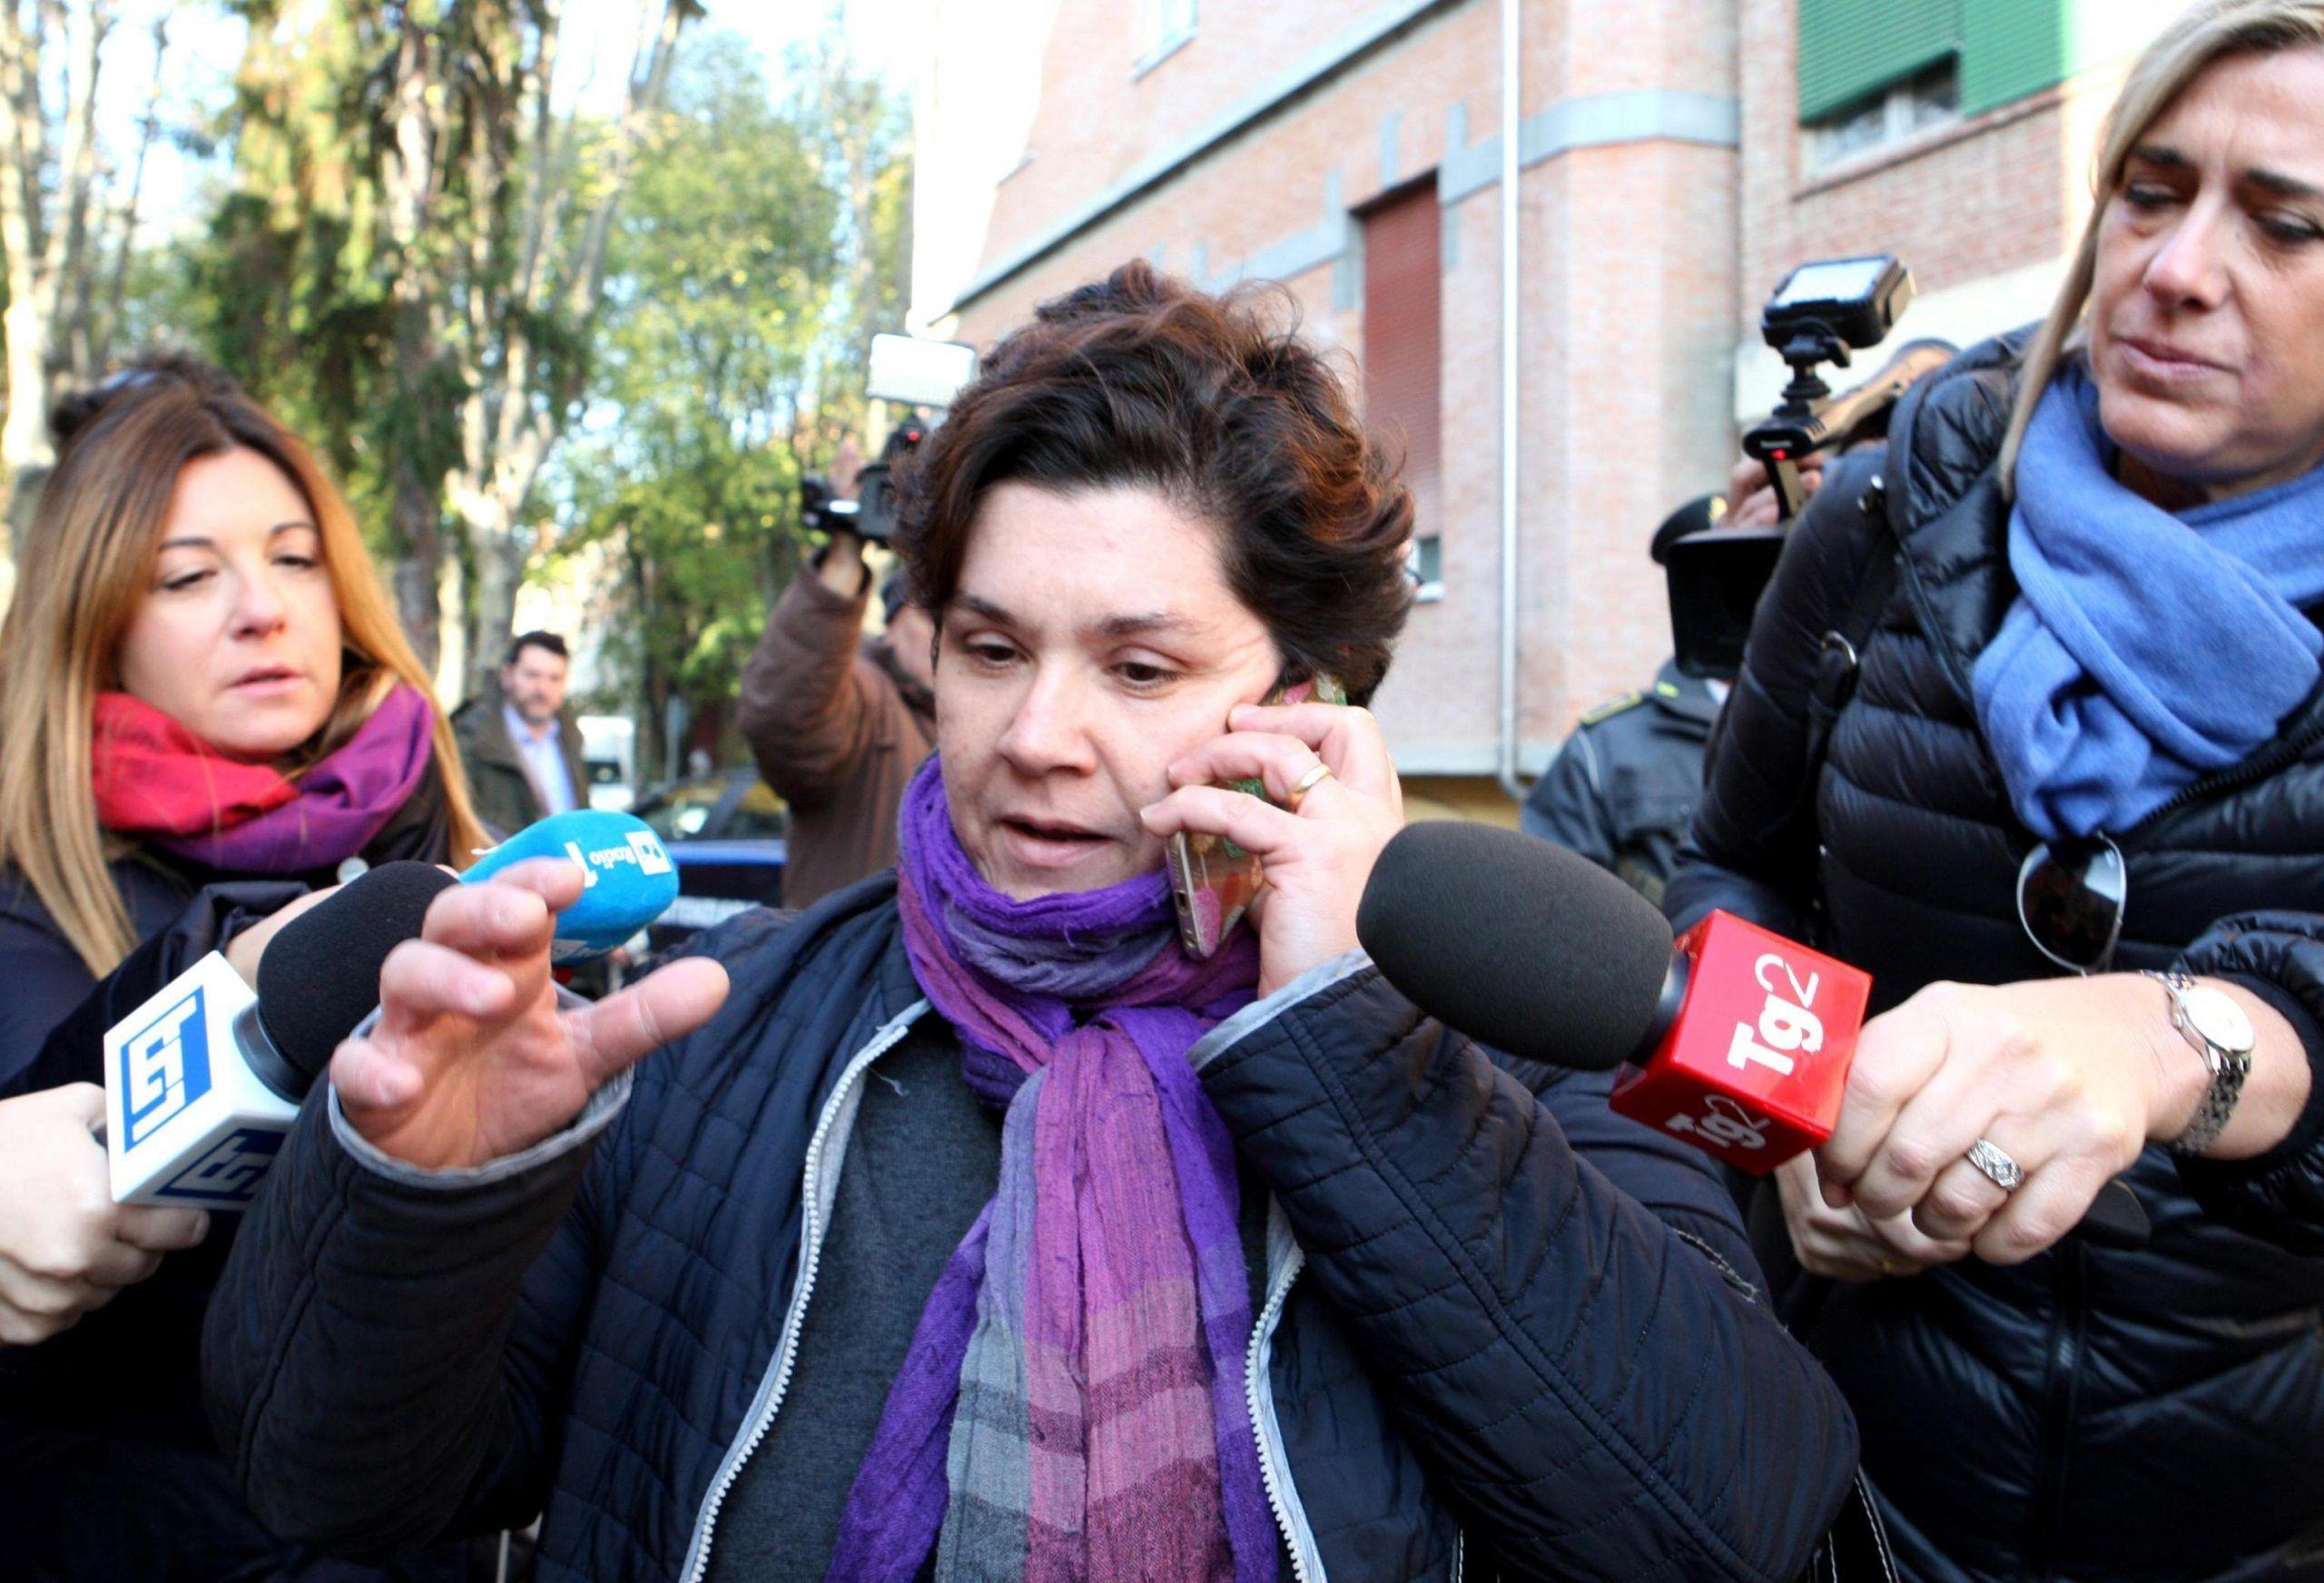 Toto Riina's daughter, Maria Concetta